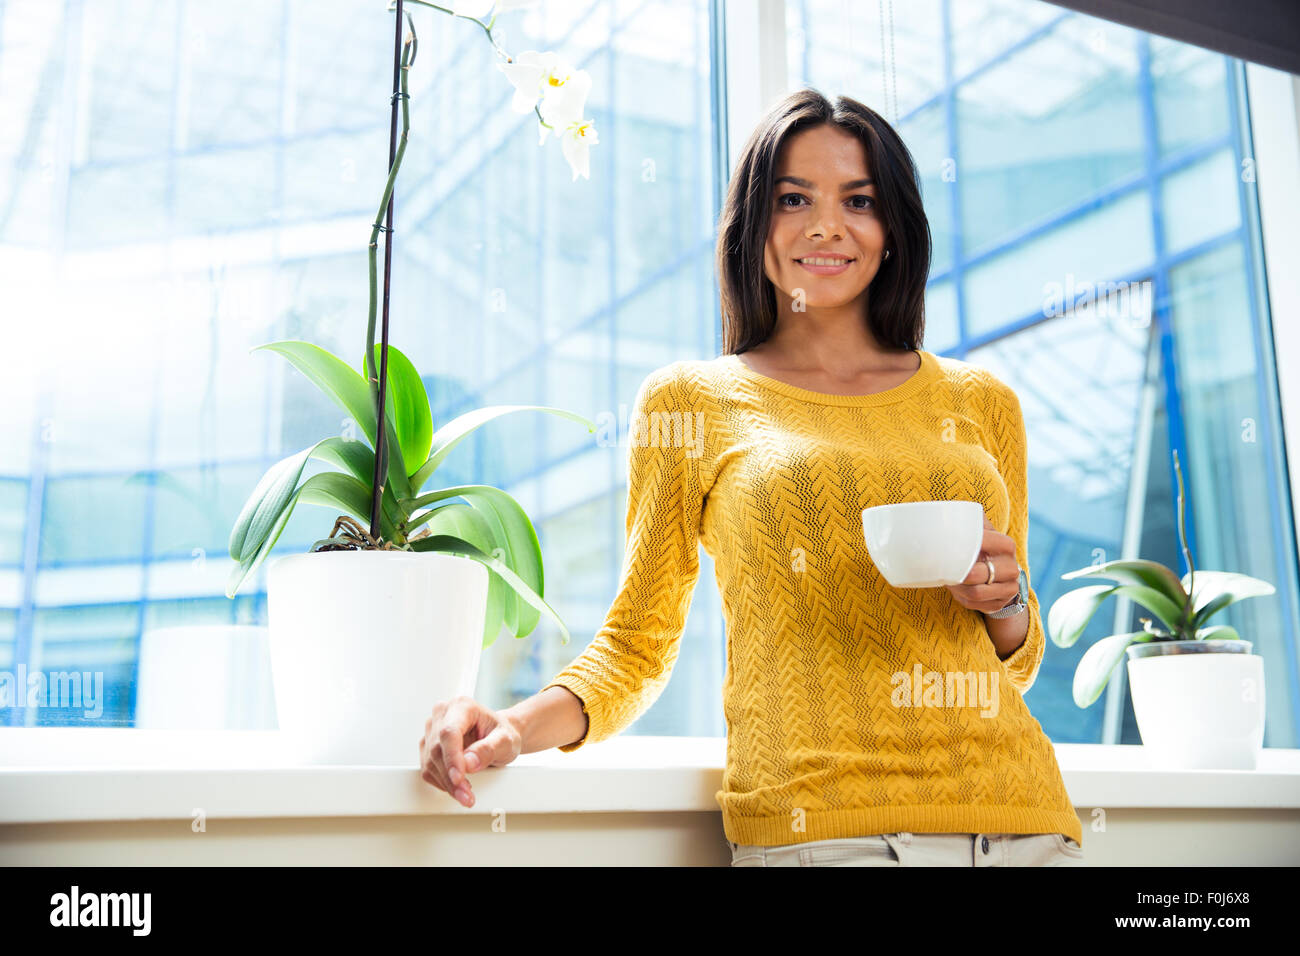 Porträt einer lächelnden Geschäftsfrau stehend mit Tasse Kaffee im Büro Stockbild